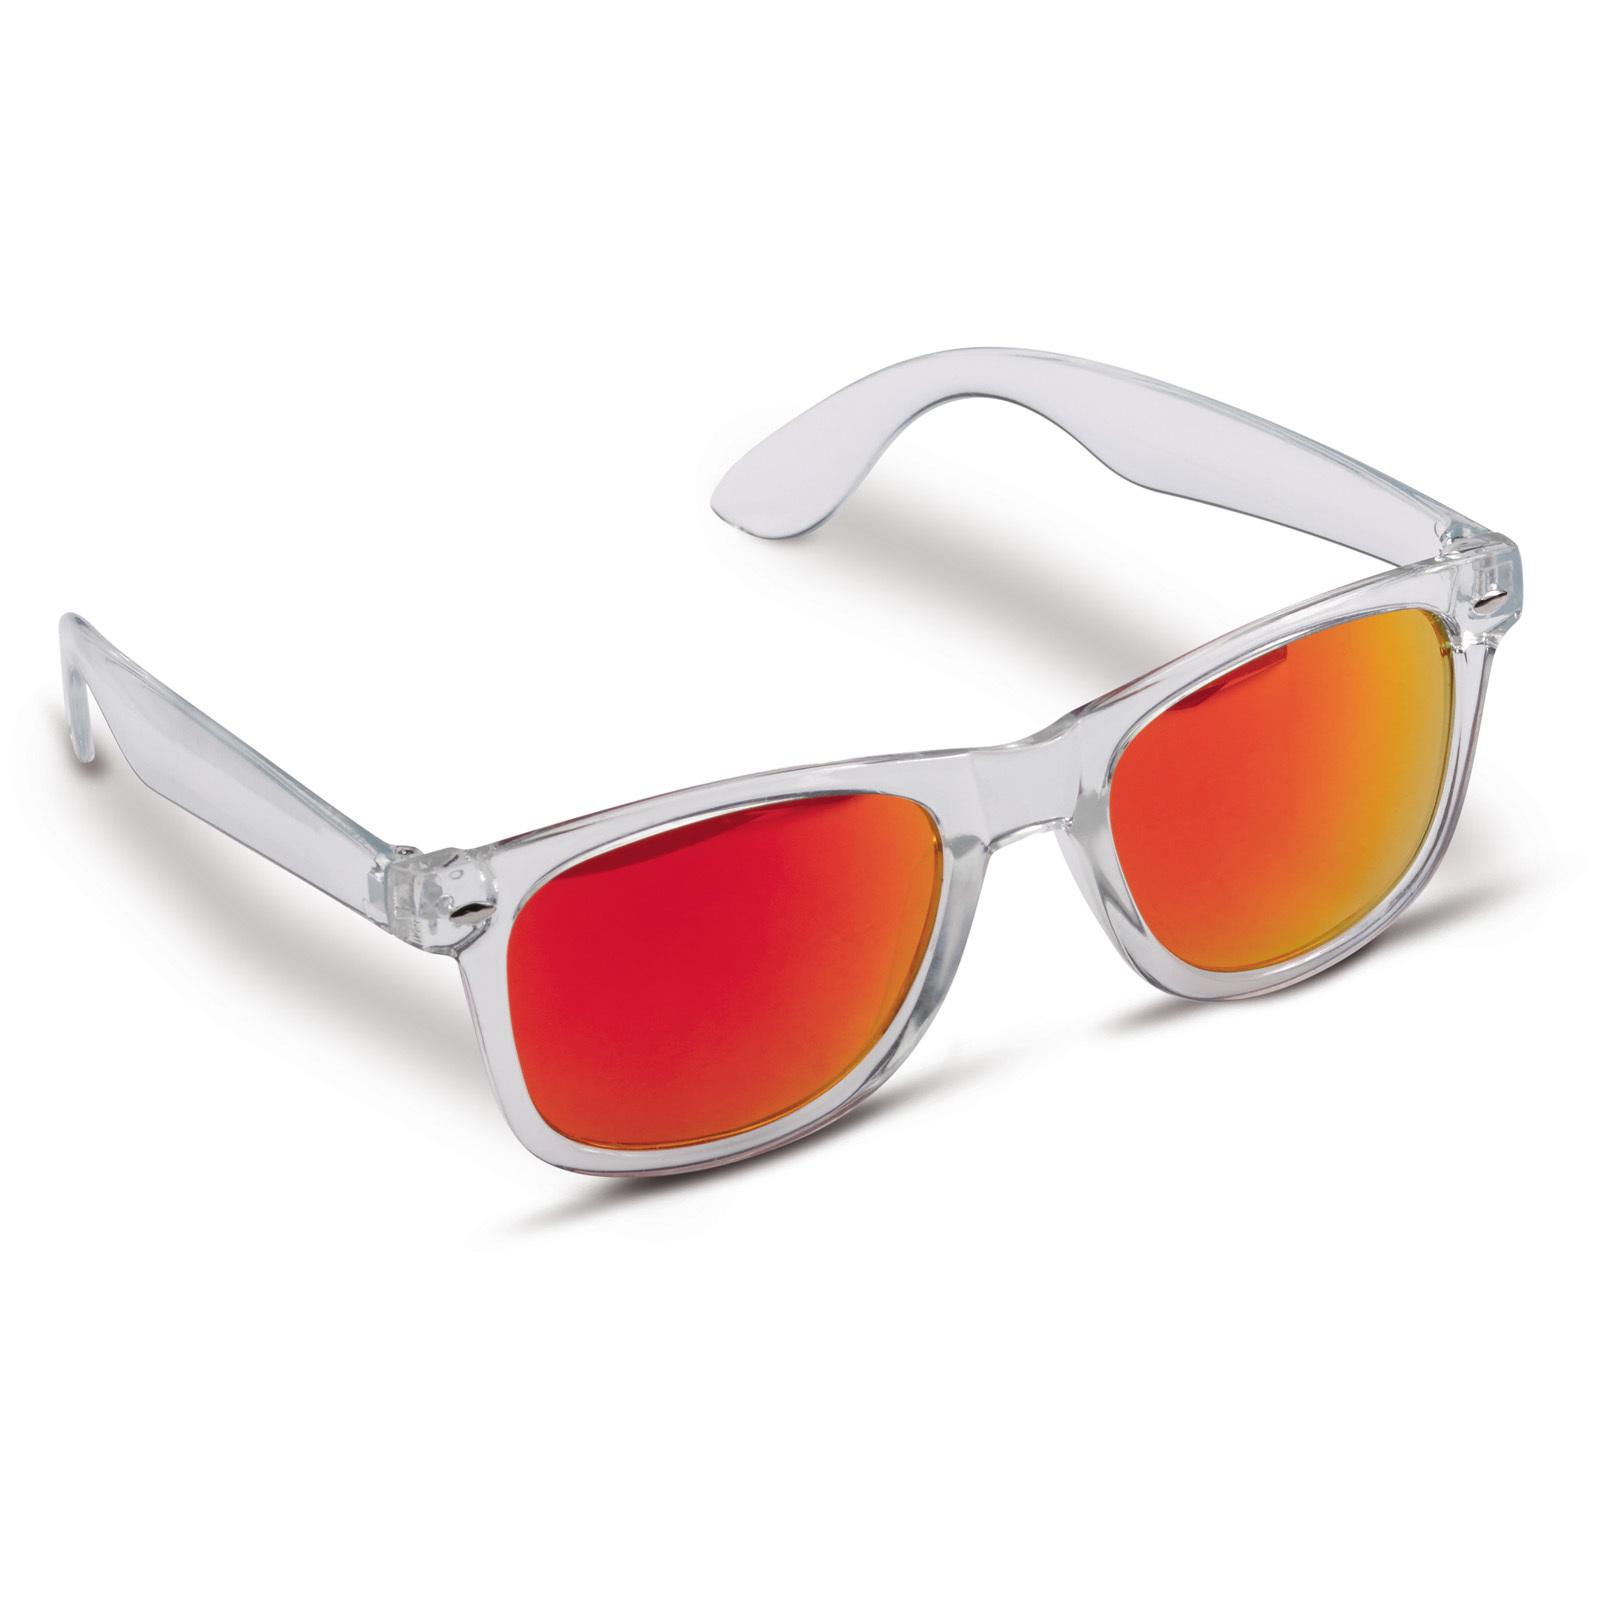 Lunettes de soleil Bradley UV-400